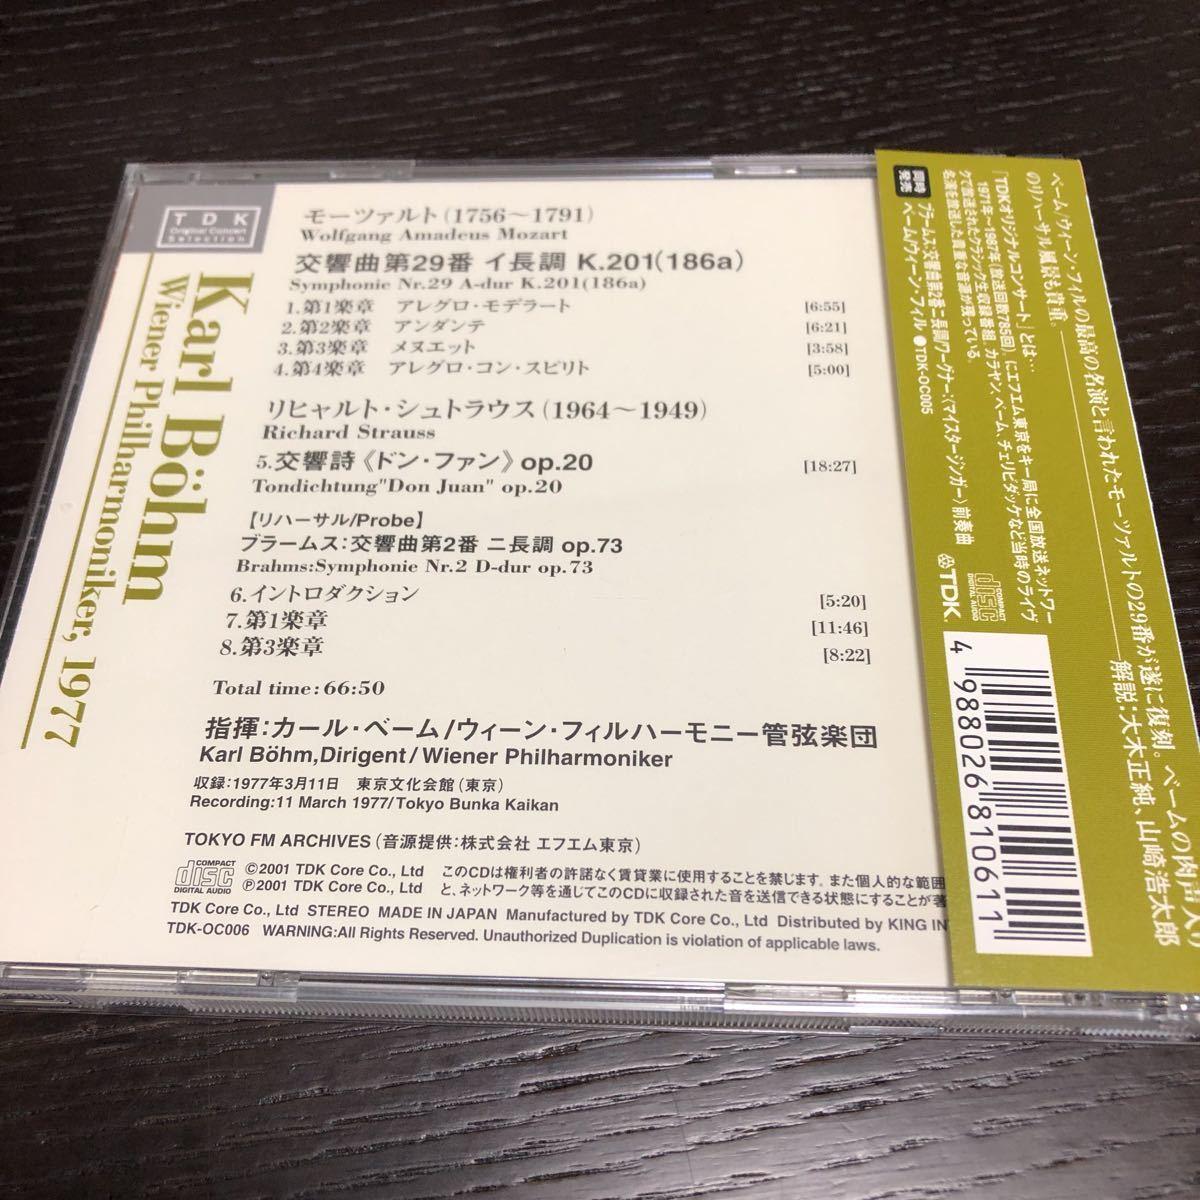 ベーム/ウィーン・フィル モーツァルト 交響曲第29番、R・シュトラウス ドン・ファン_画像2